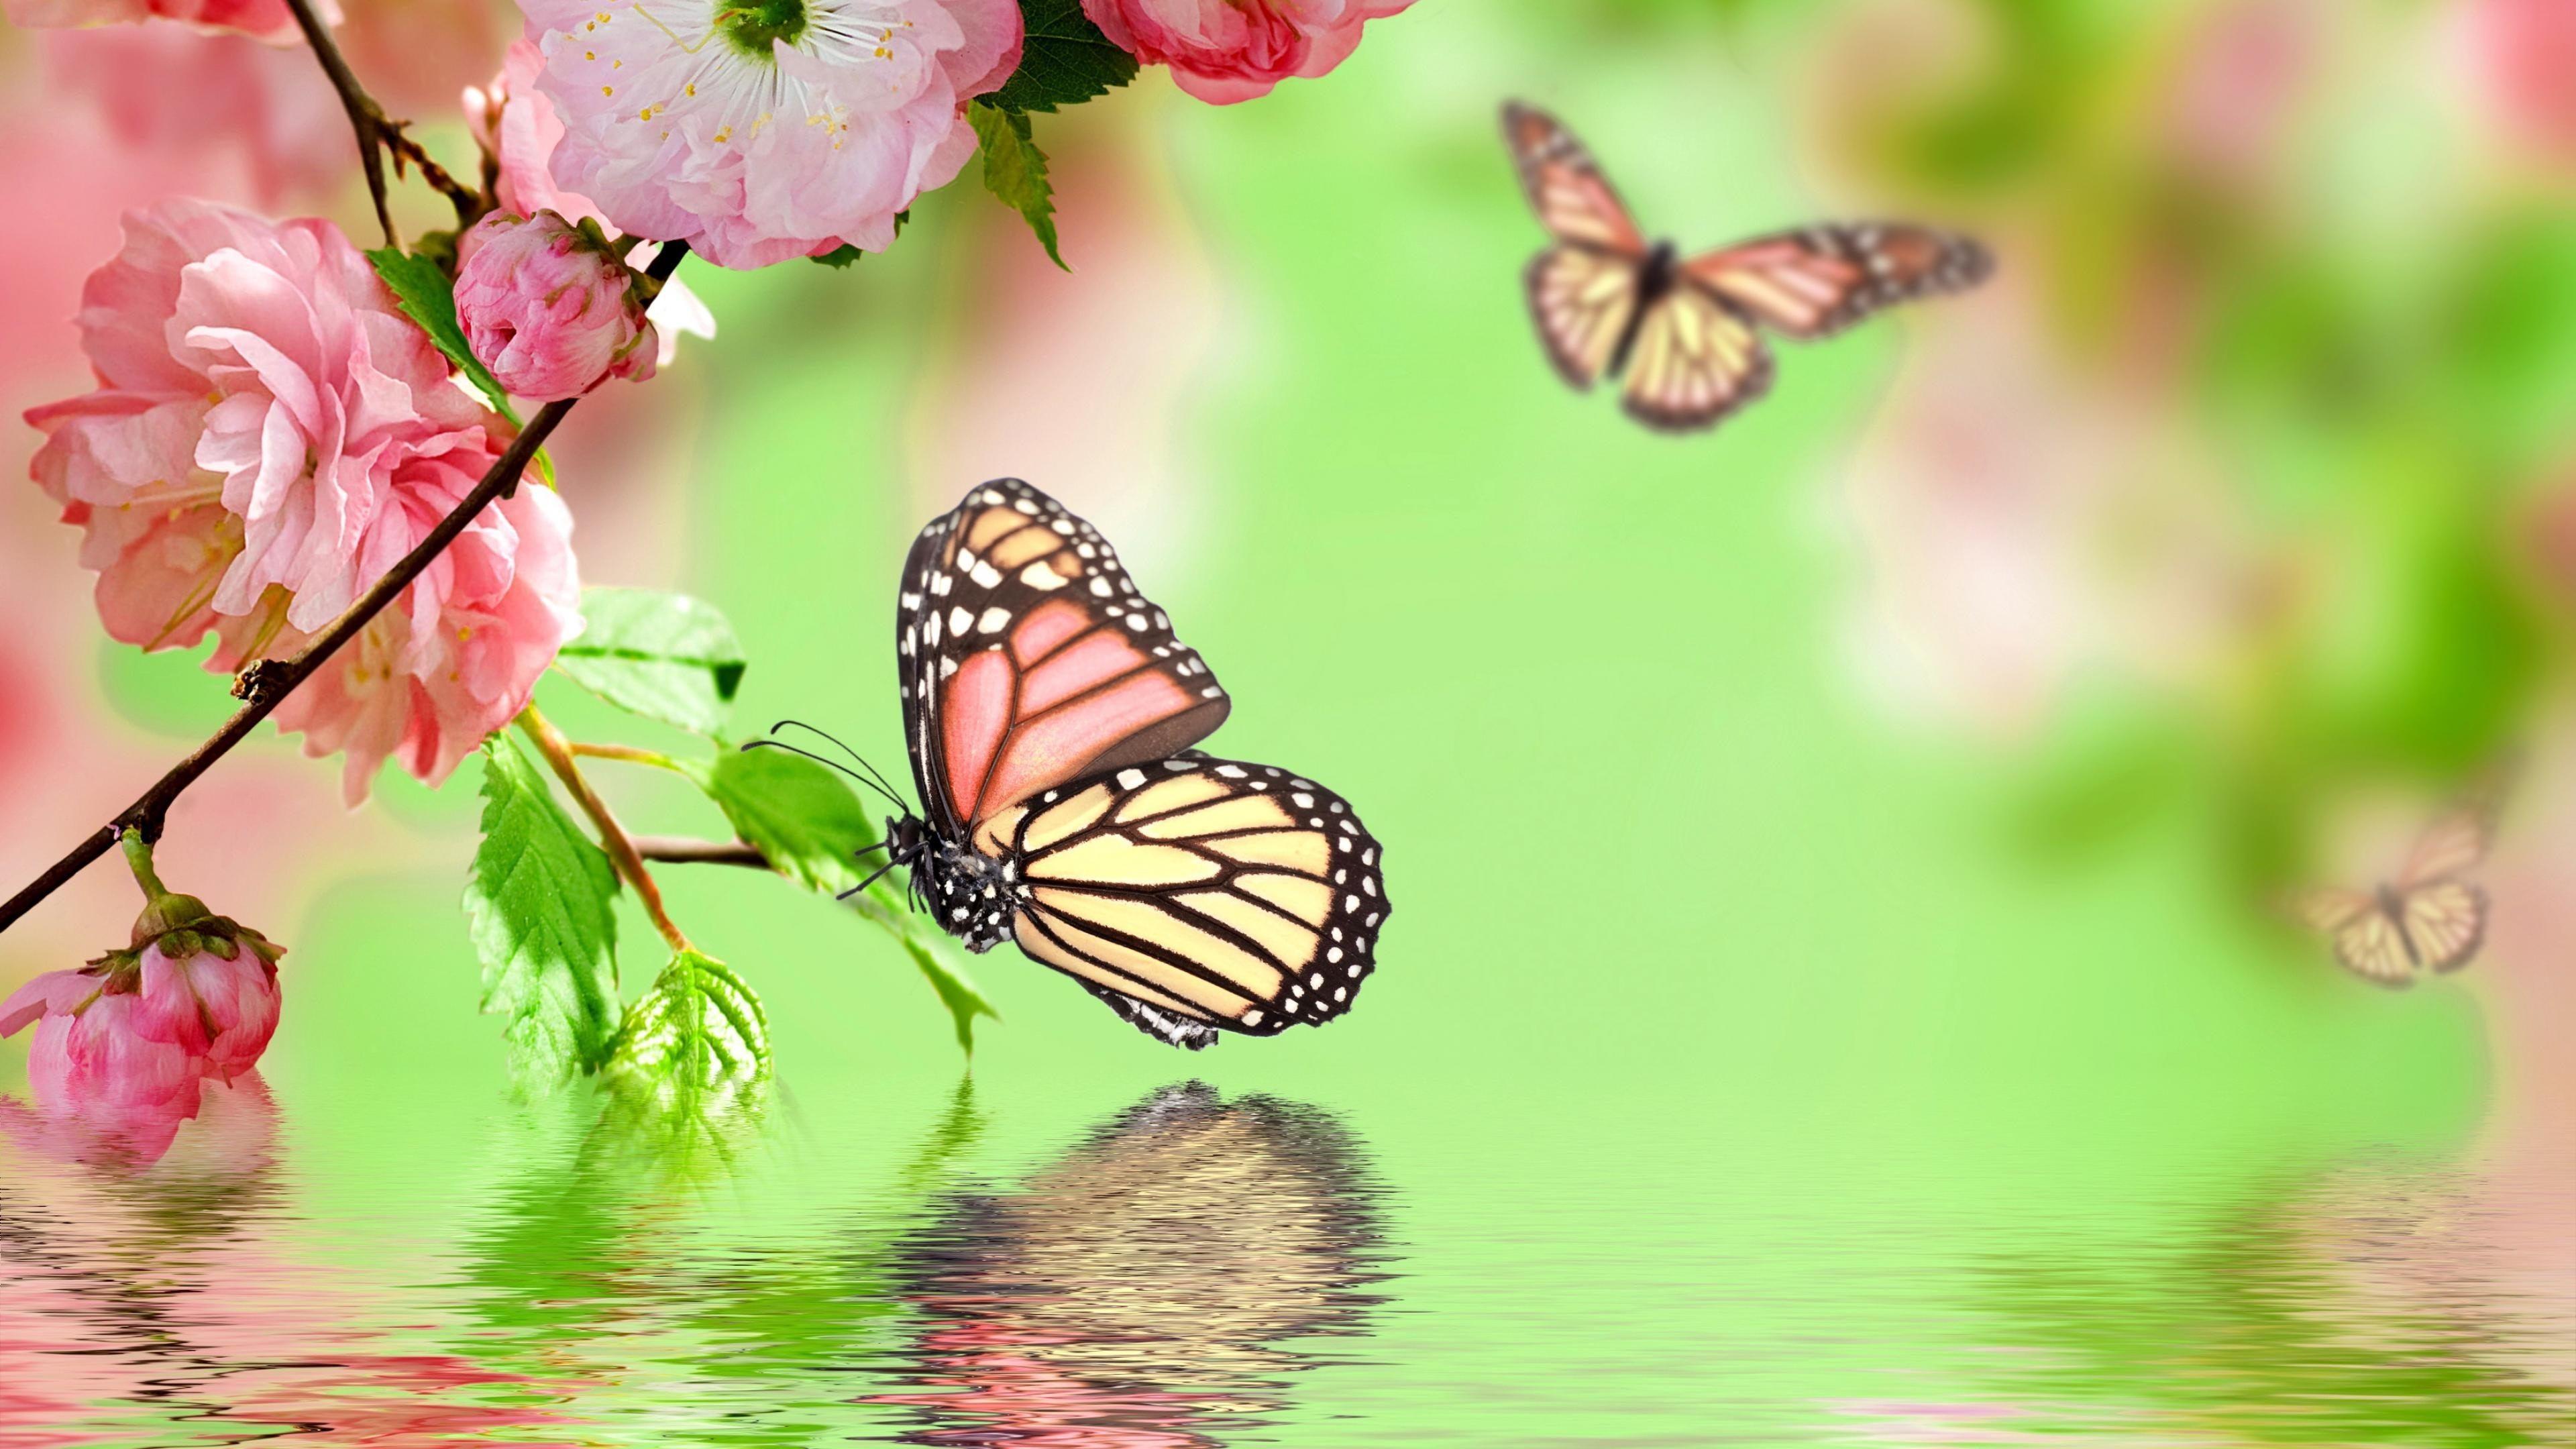 Butterfly Garden UHD Wallpapers